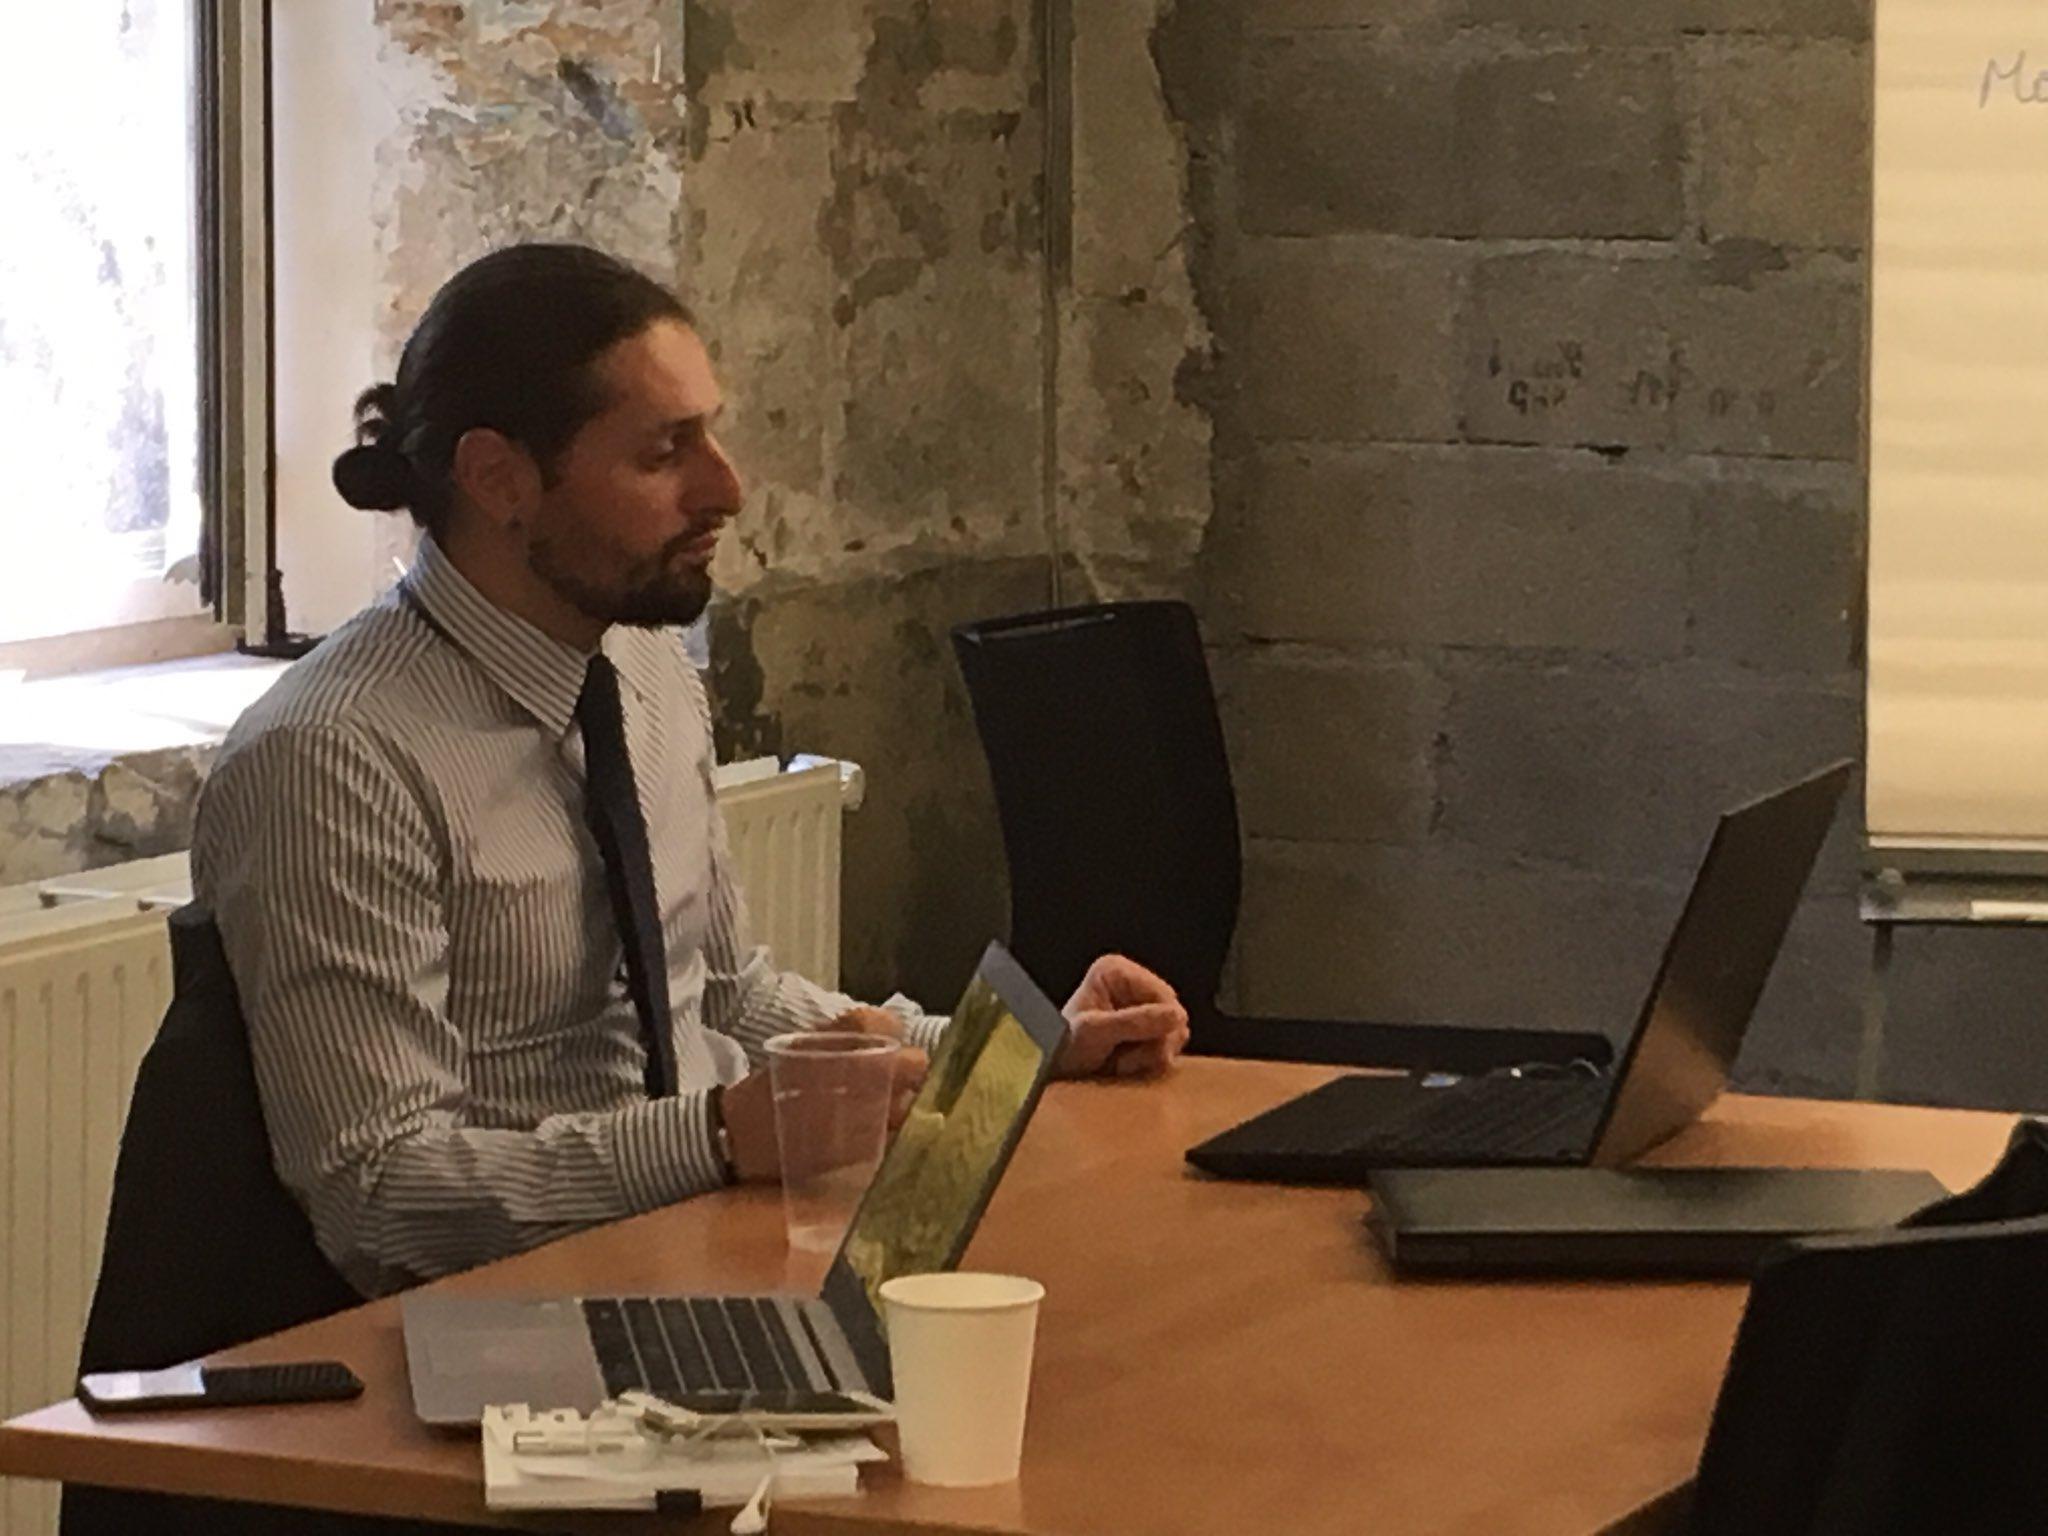 [#LabCedap] Intervention de #ErwanMedy, analyste stratégique à l'Adit - leader européen de l'intelligence stratégique - pour le #Cedap. https://t.co/zw9EzJVLFv